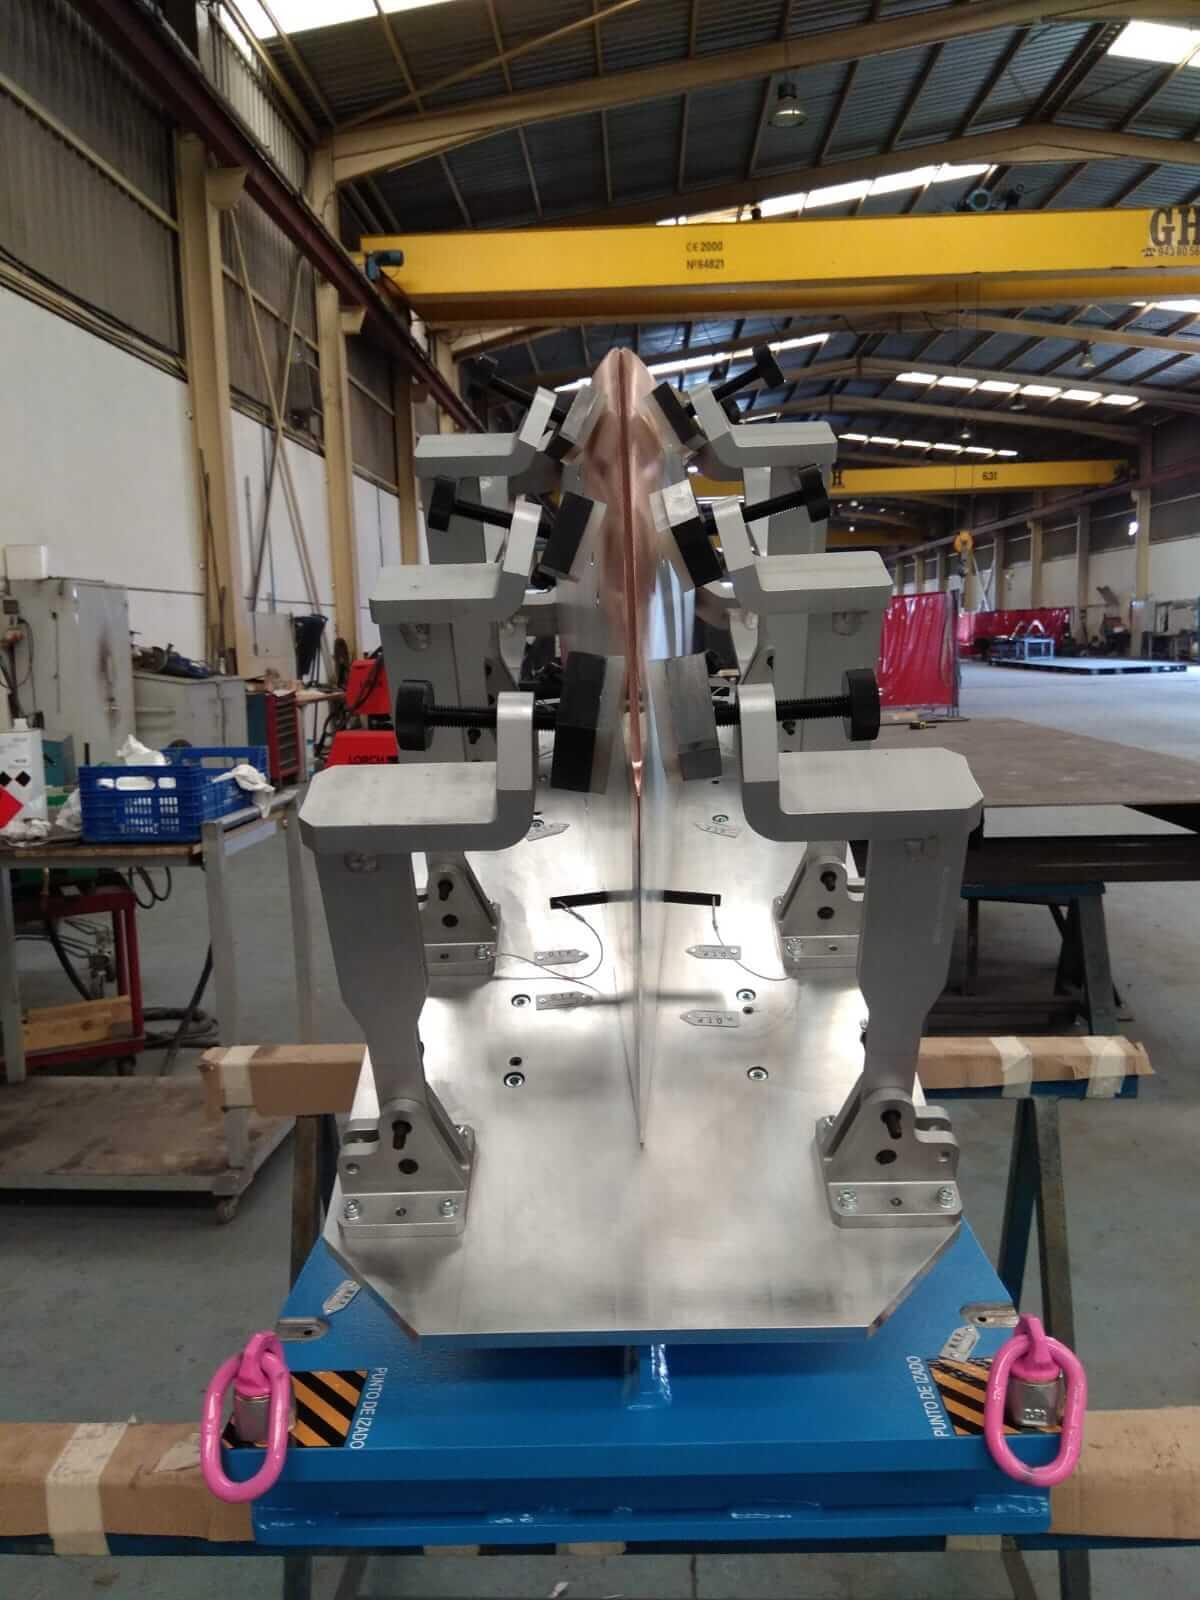 IMG 20181001 WA0039 - Plantillas de montaje y taladrado